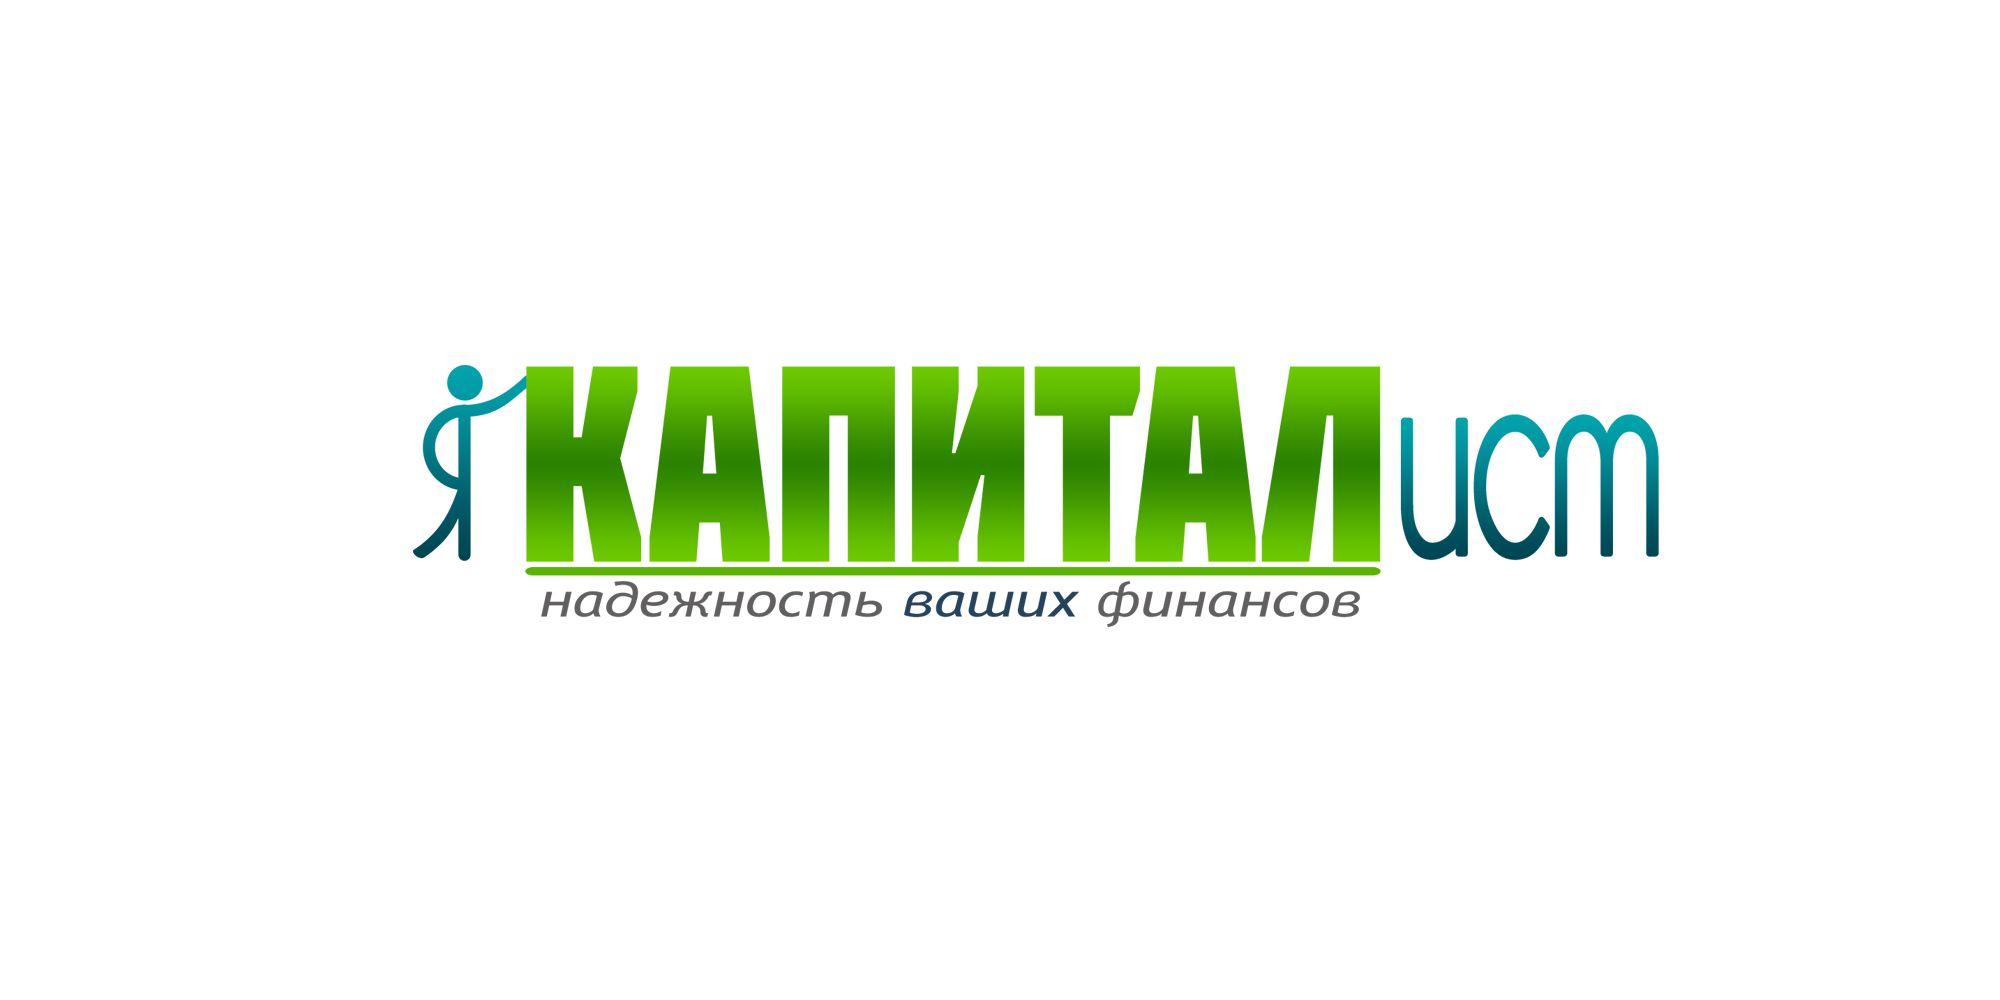 Я капиталист (лого для веб-сайта) - дизайнер Kirillsh93